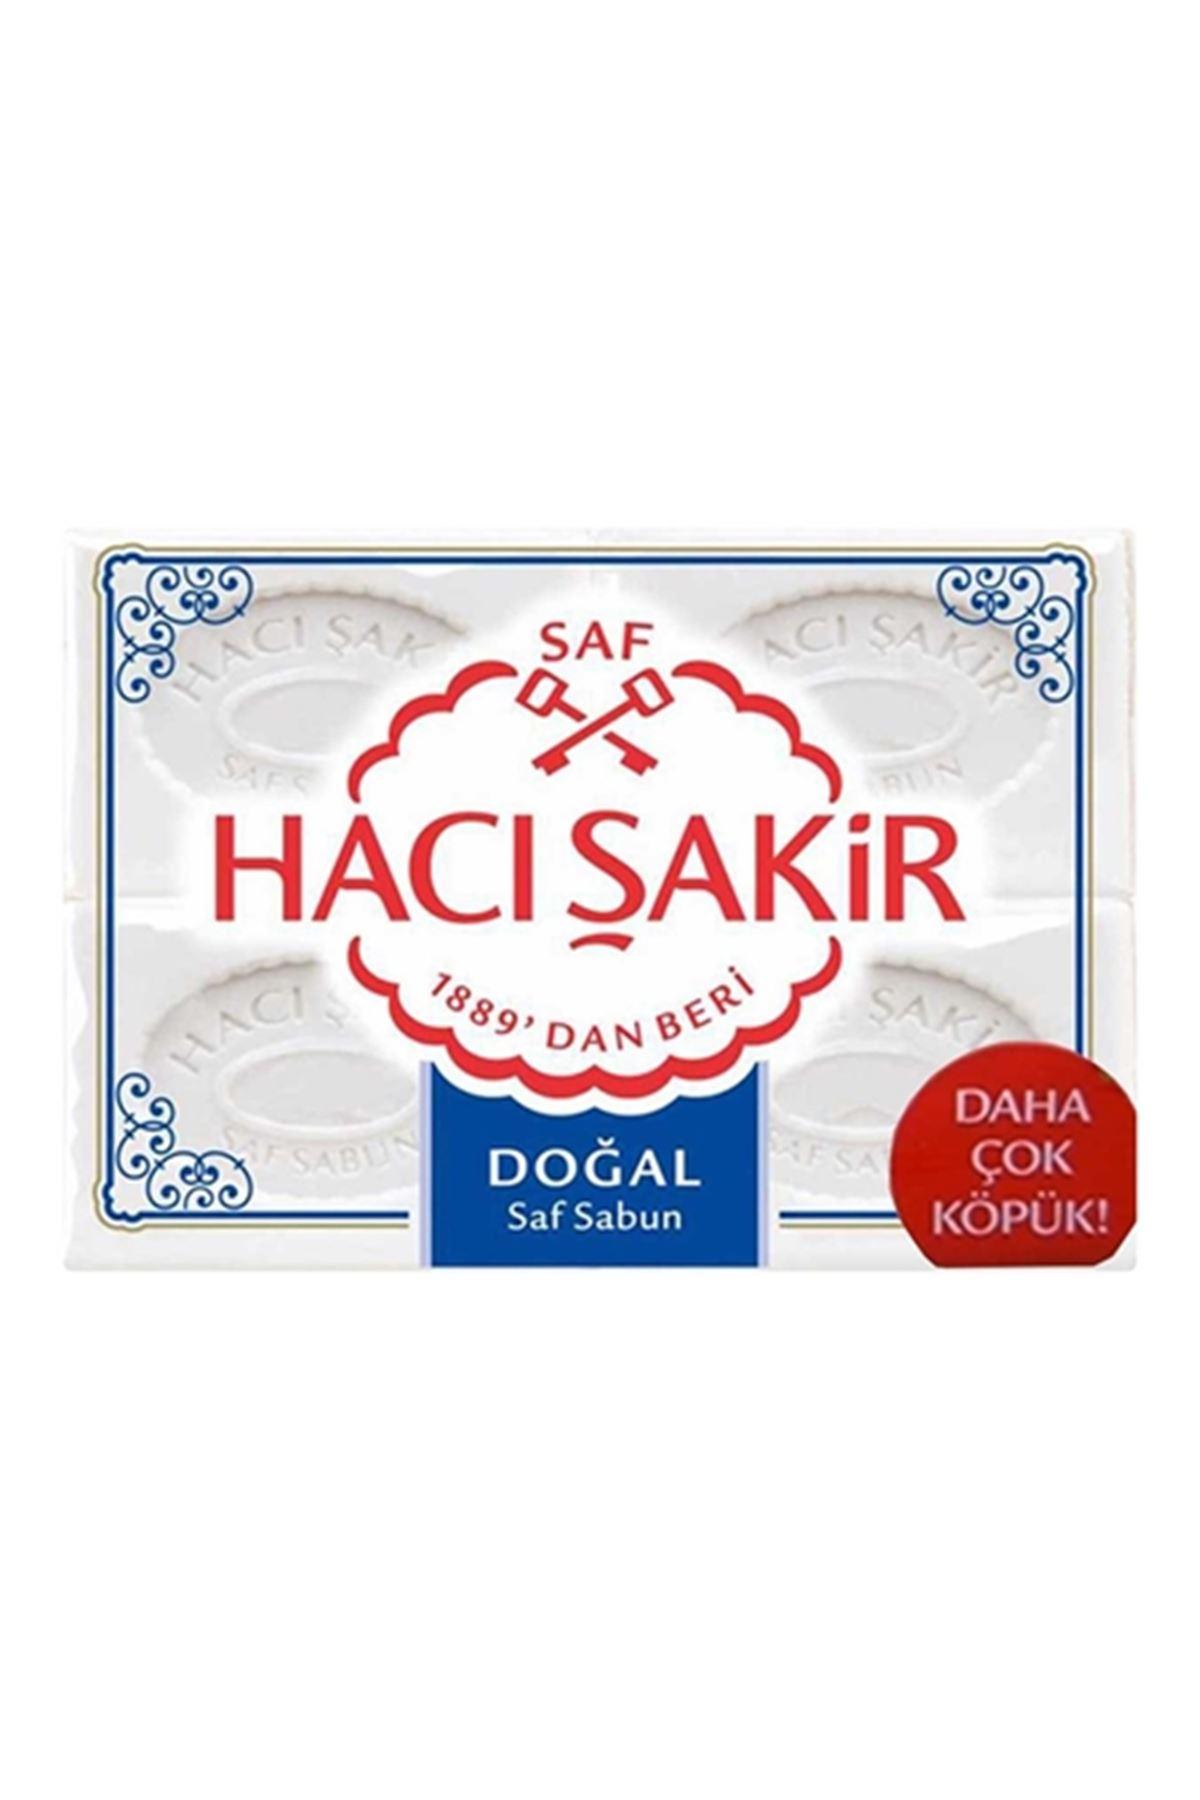 Hacı Şakir Kalıp Doğal Sabun 4*150 Gram